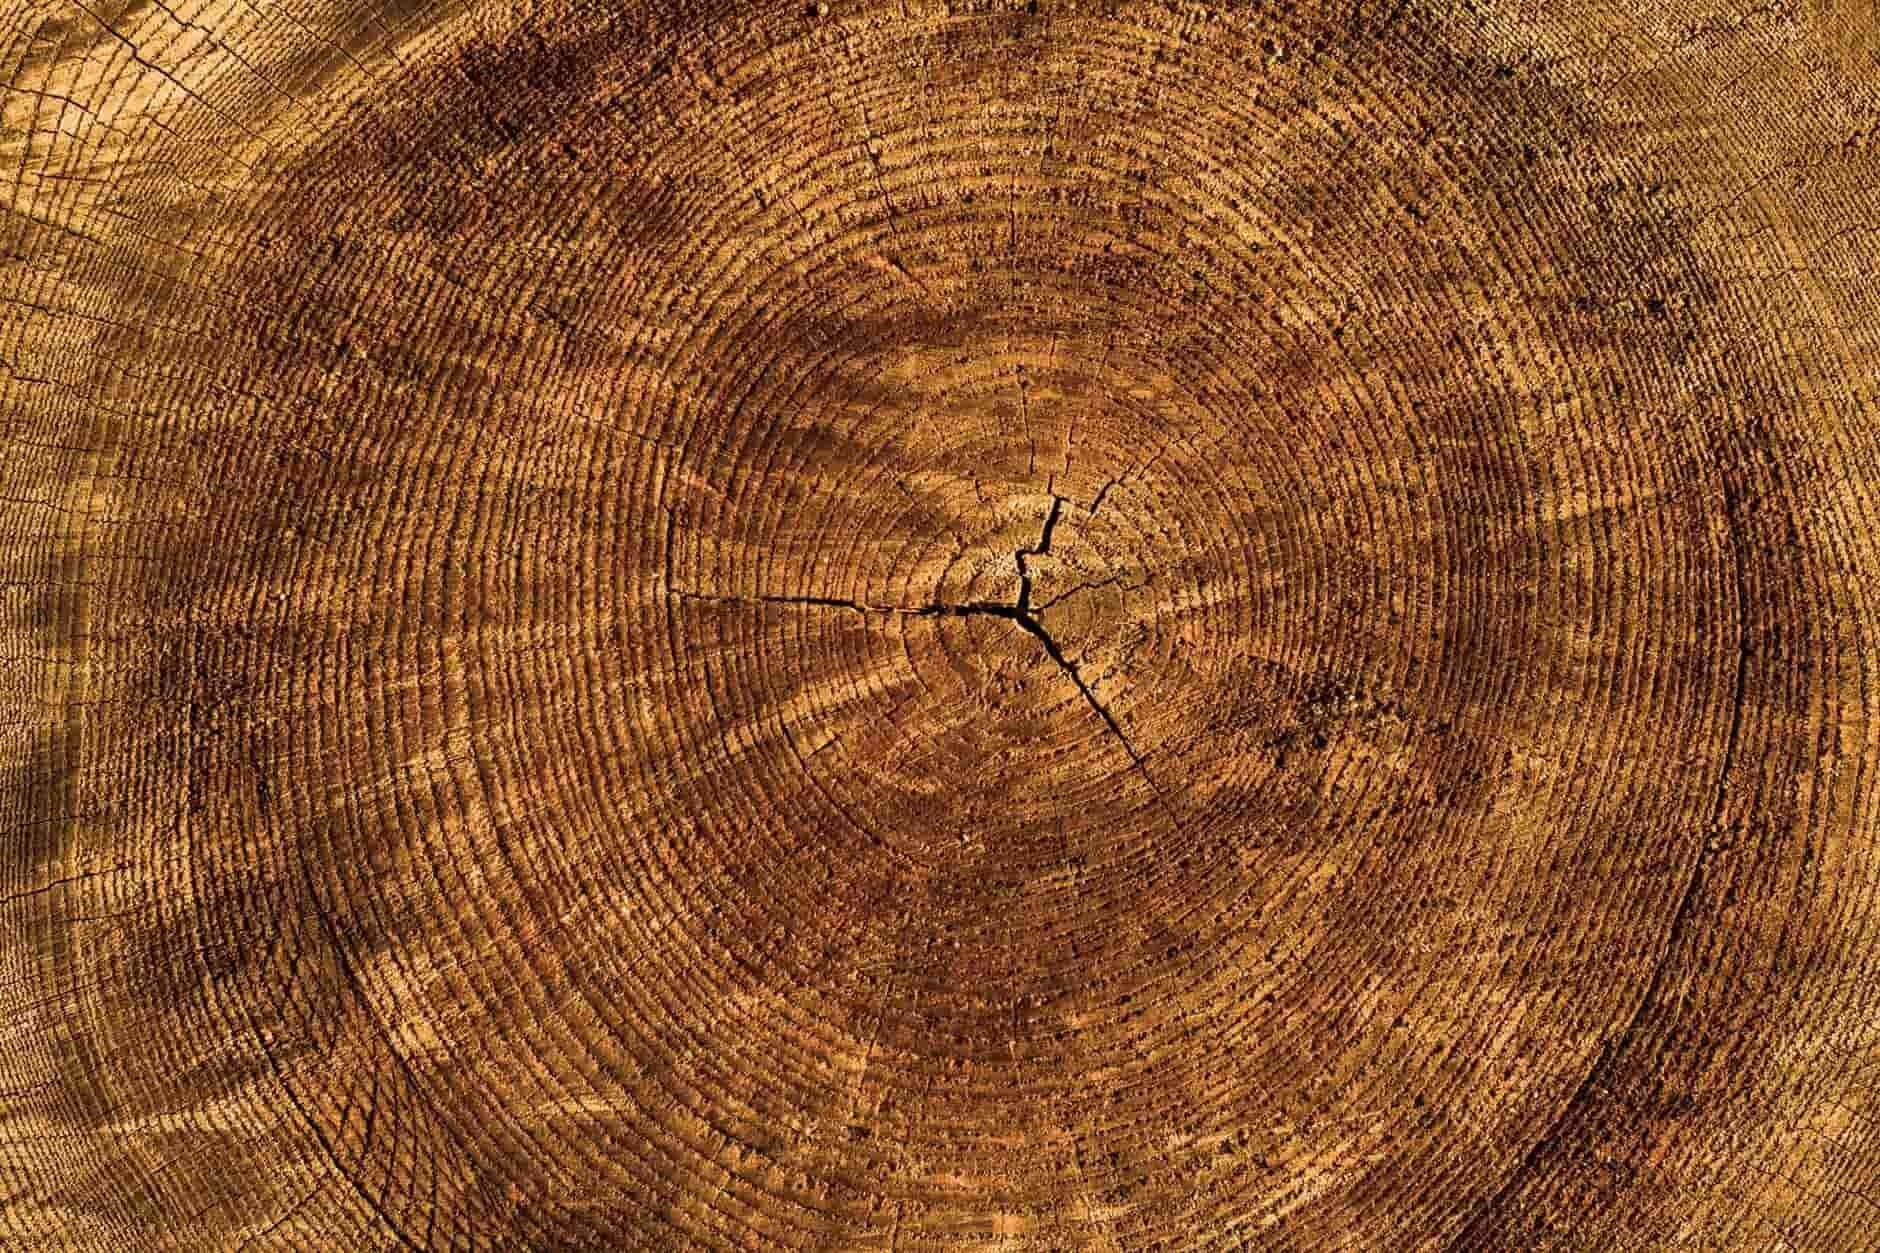 Cracks in wood